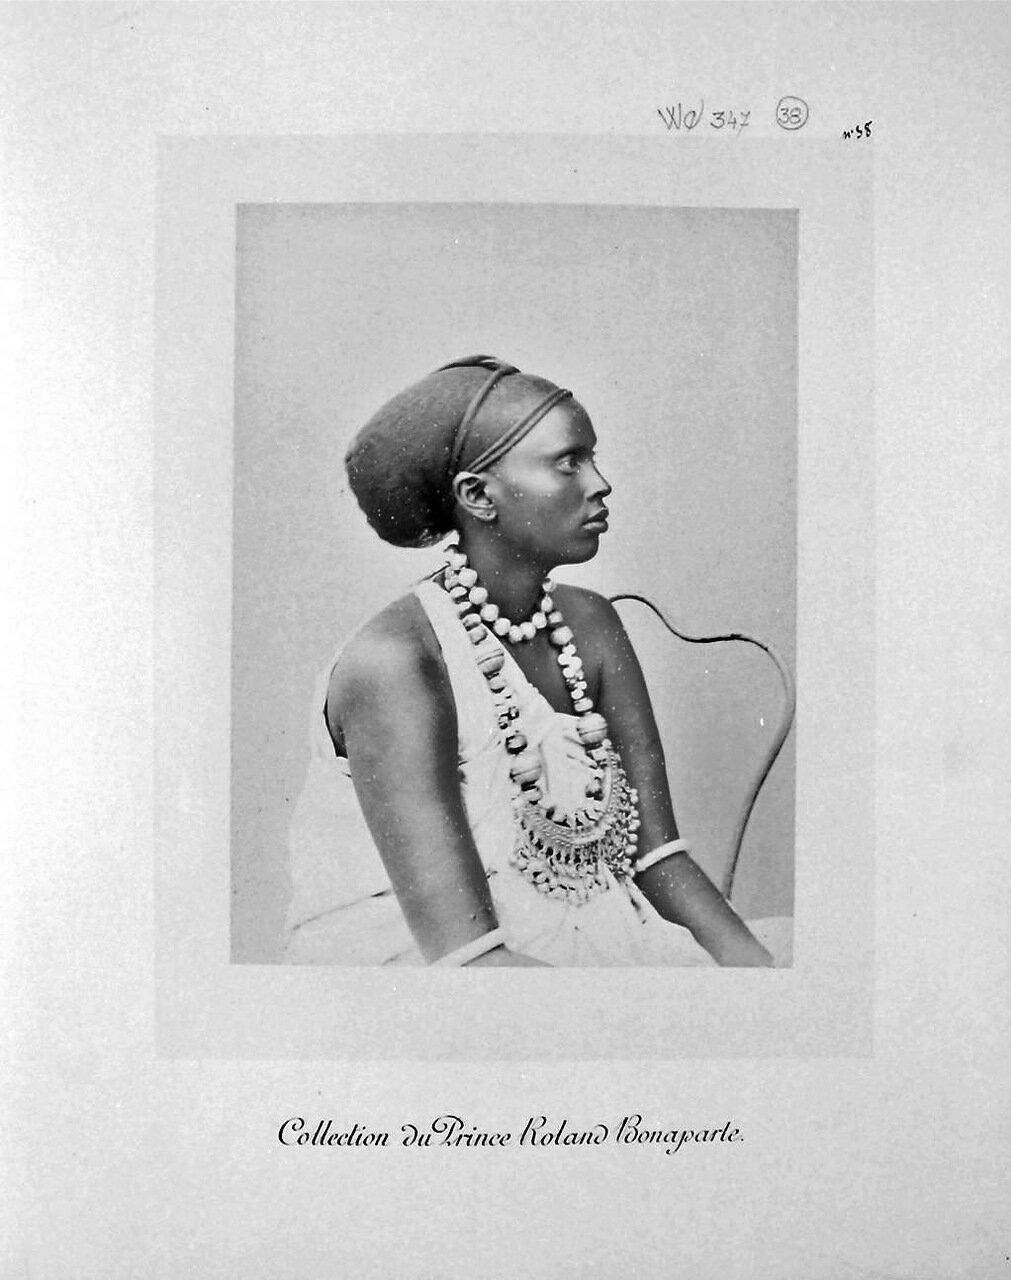 Дехабо Херси, племя Тол-джеэло, 24 года